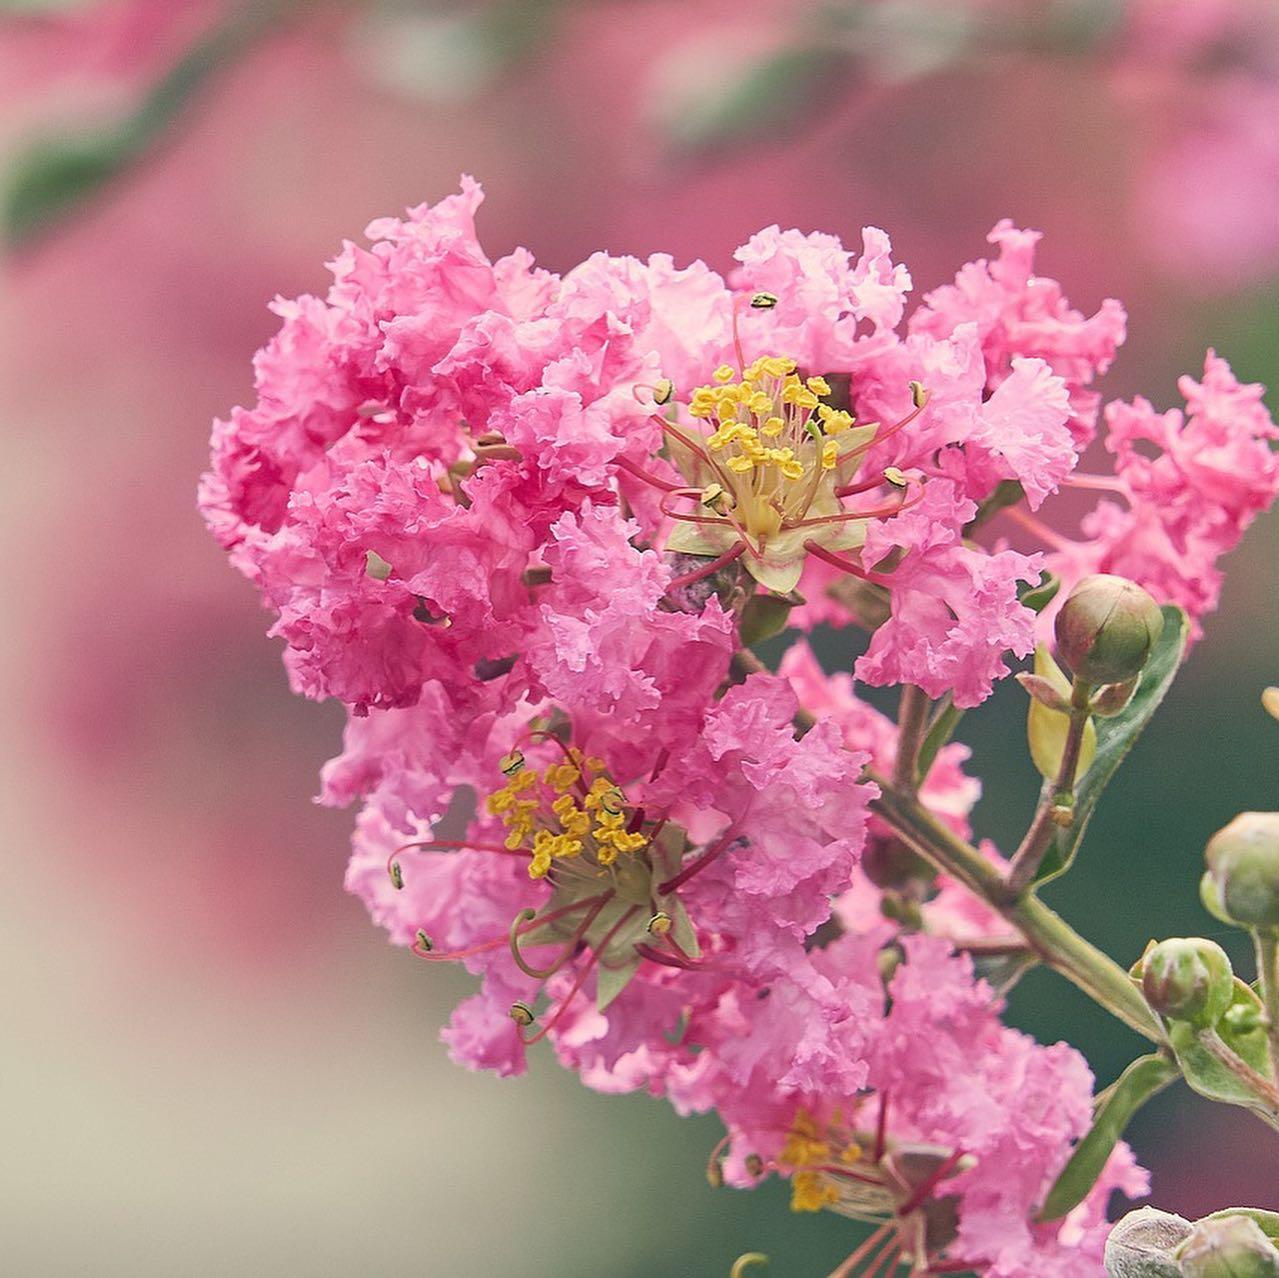 Fiori di Lagestroemia, pianta a foglia caduca, allevata come albero di taglia contenuta o anche come arbusto